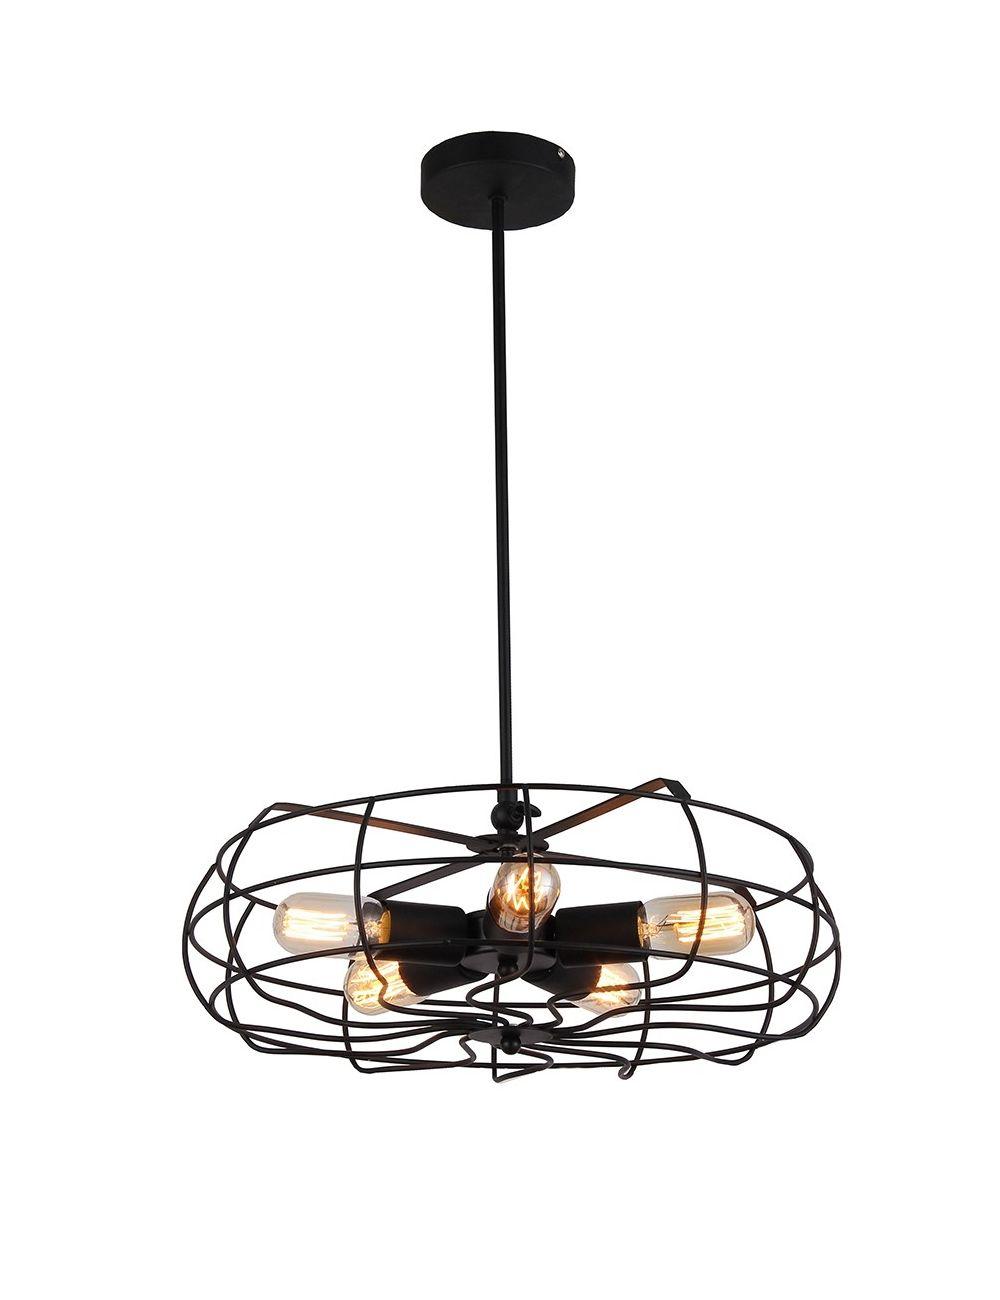 FLMD02 Fan lampa wisząca Azzardo